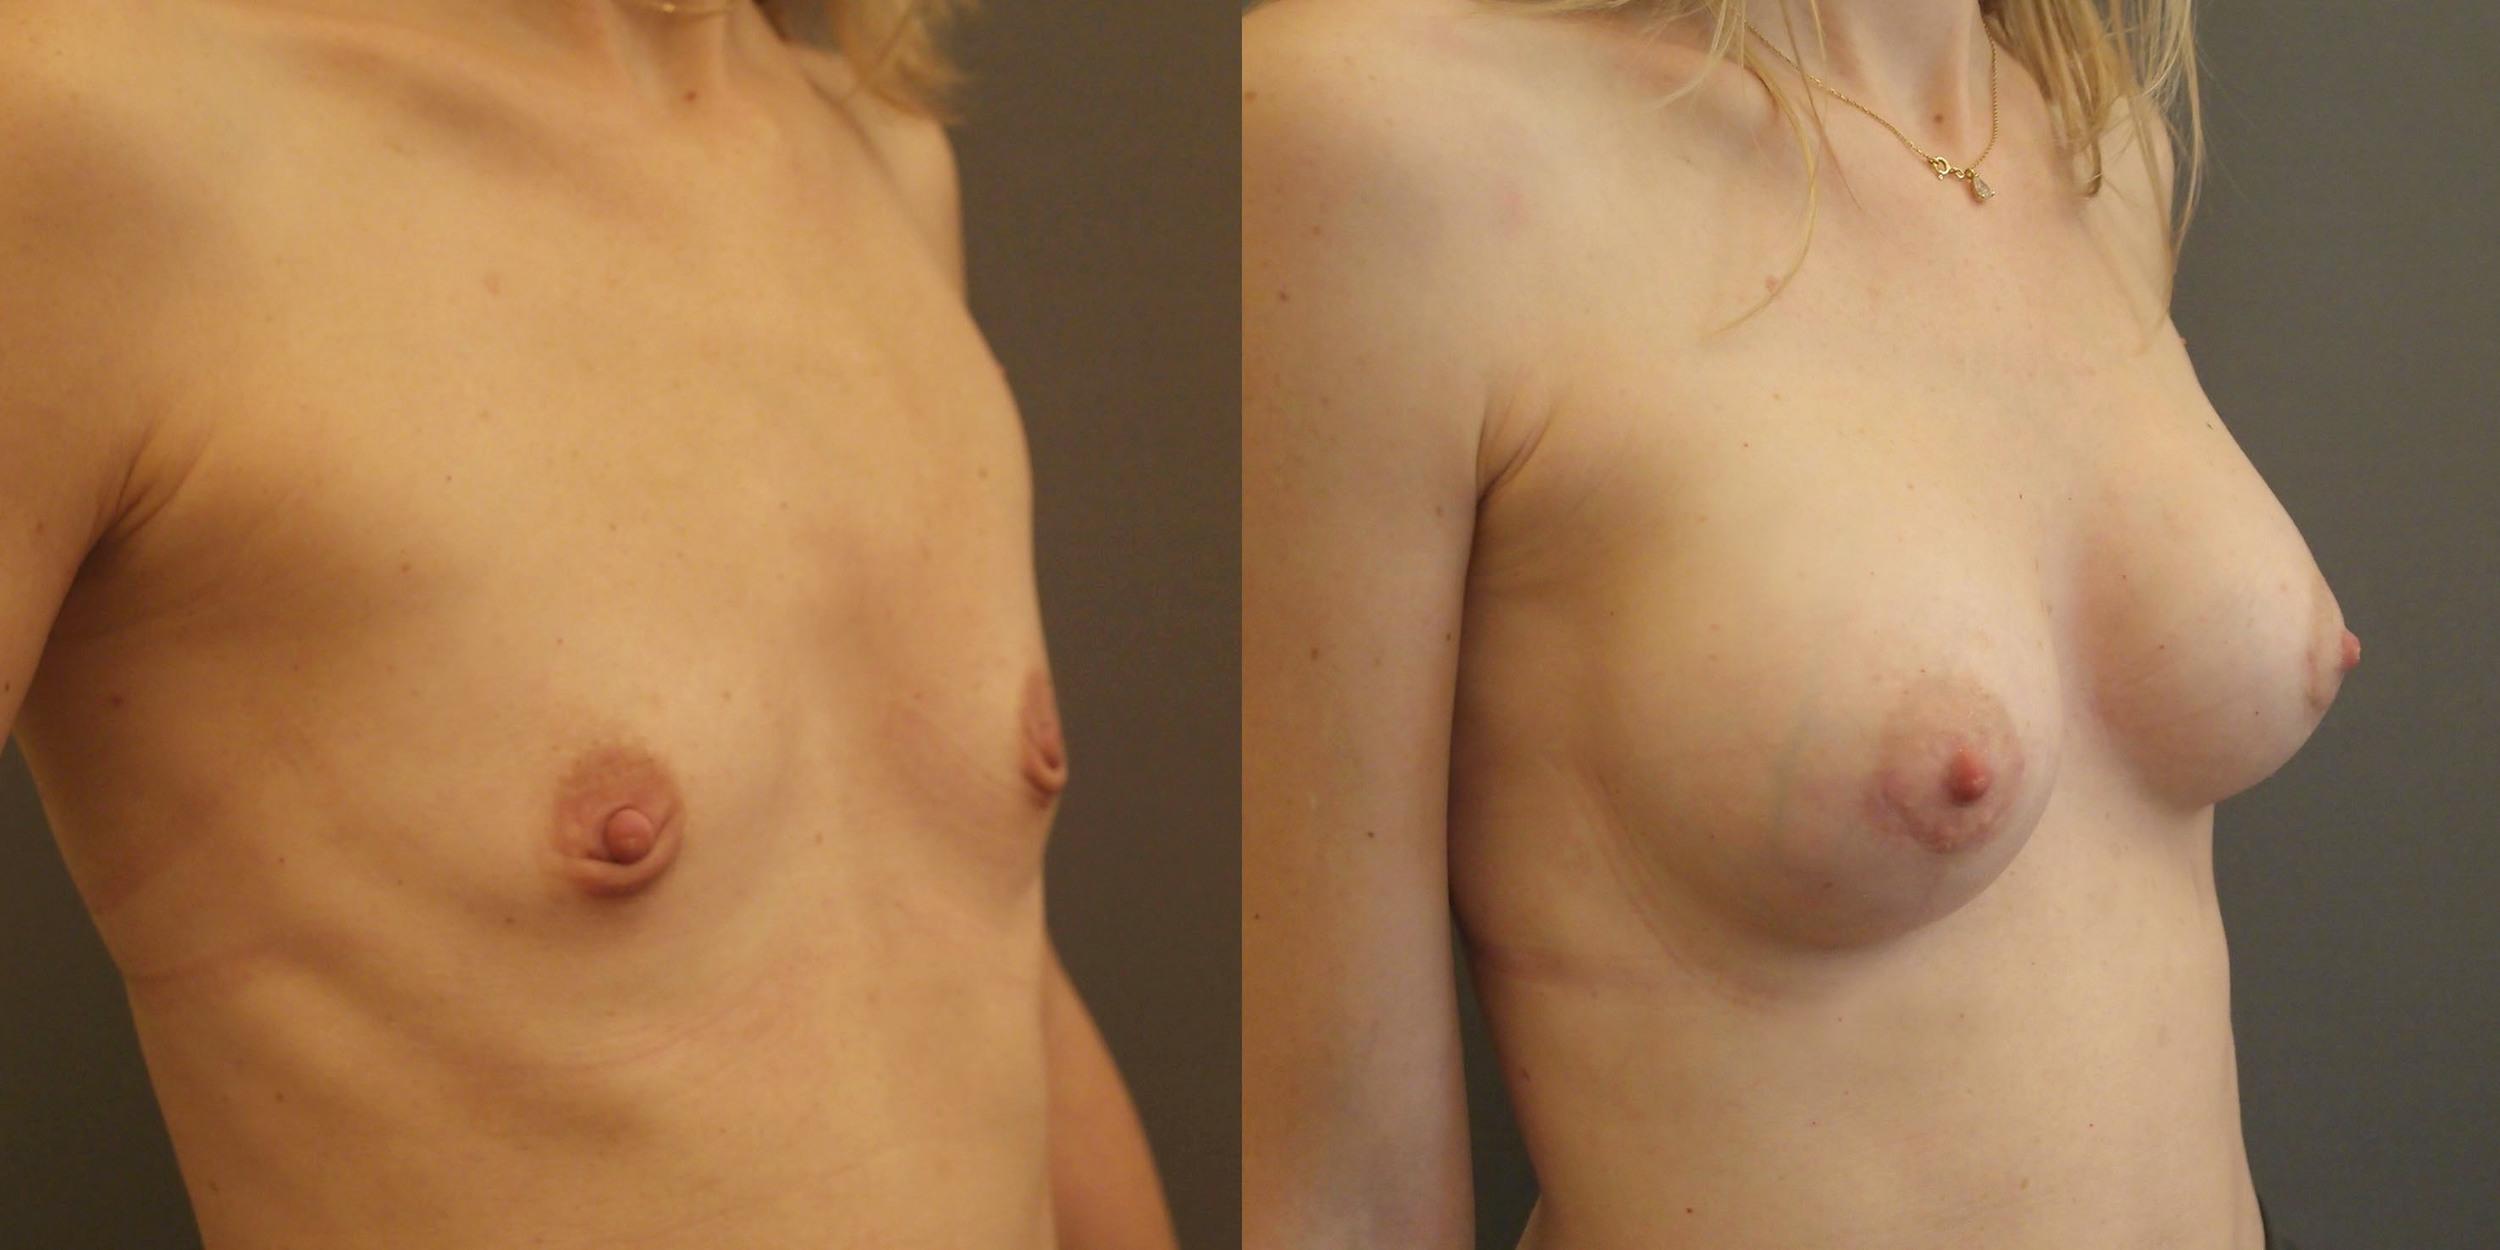 Avant-après, le résultat naturel d'une augmentation mammaire réussie © Dr Eric Plot